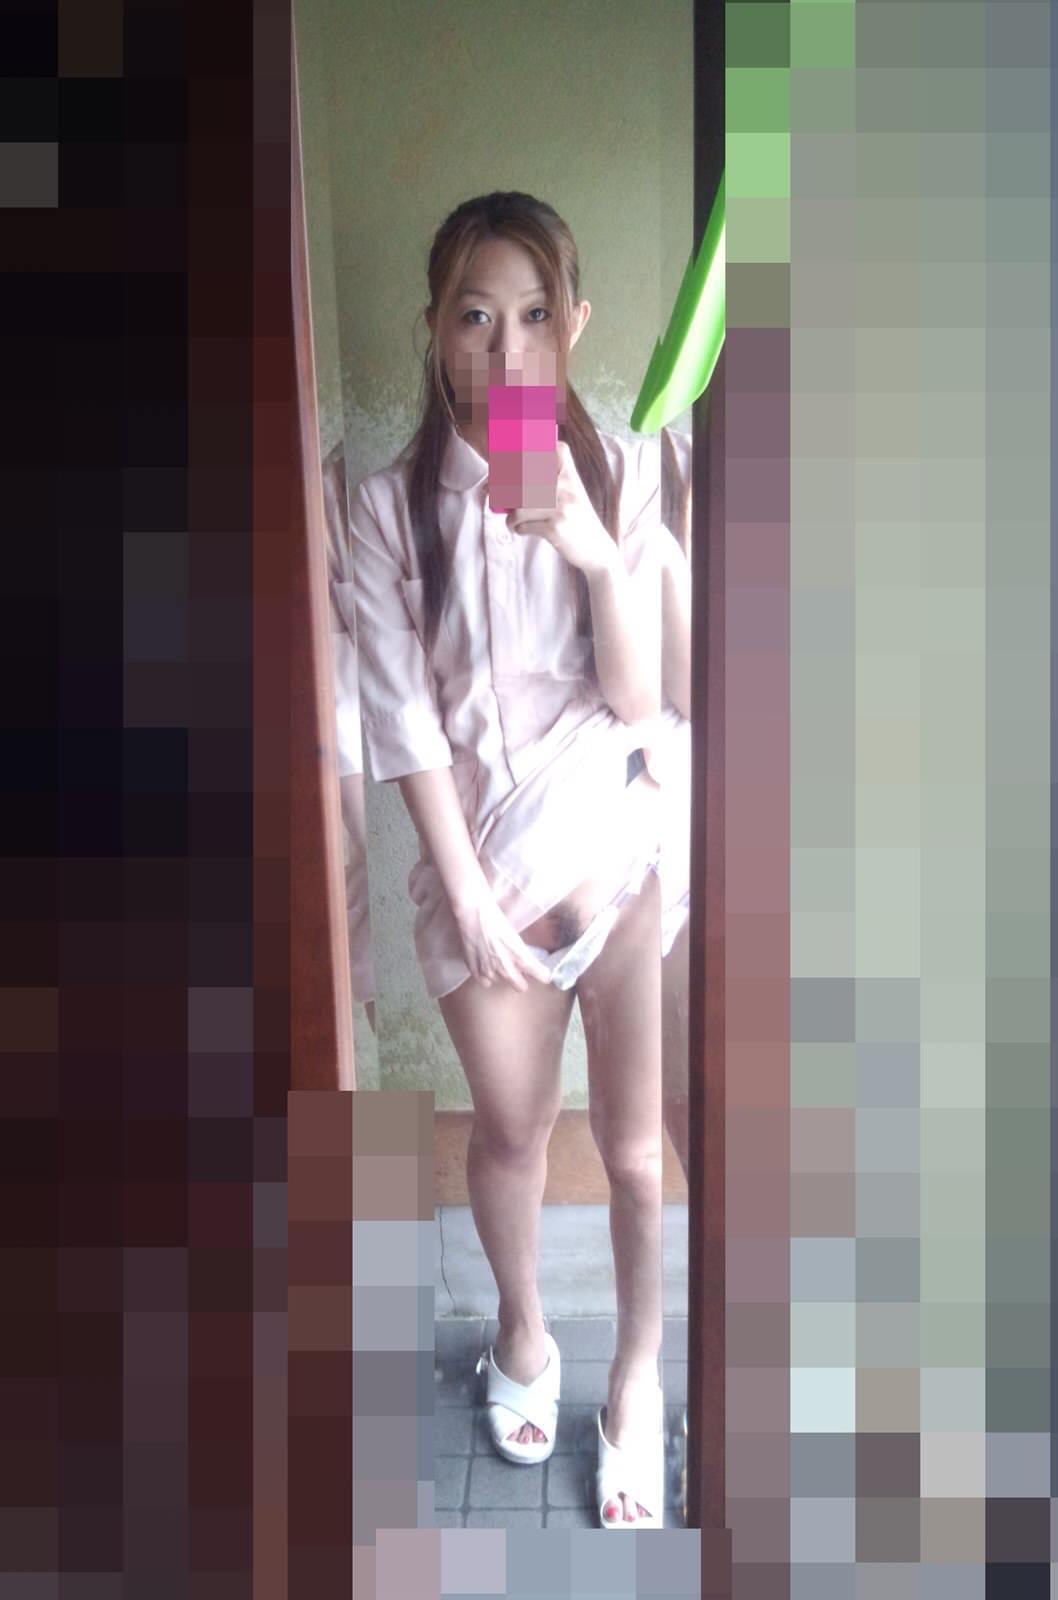 ガチ現役ナースの彼女を強制ハメ撮りしたヤバい画像がネットに流出wwwww 2104 1